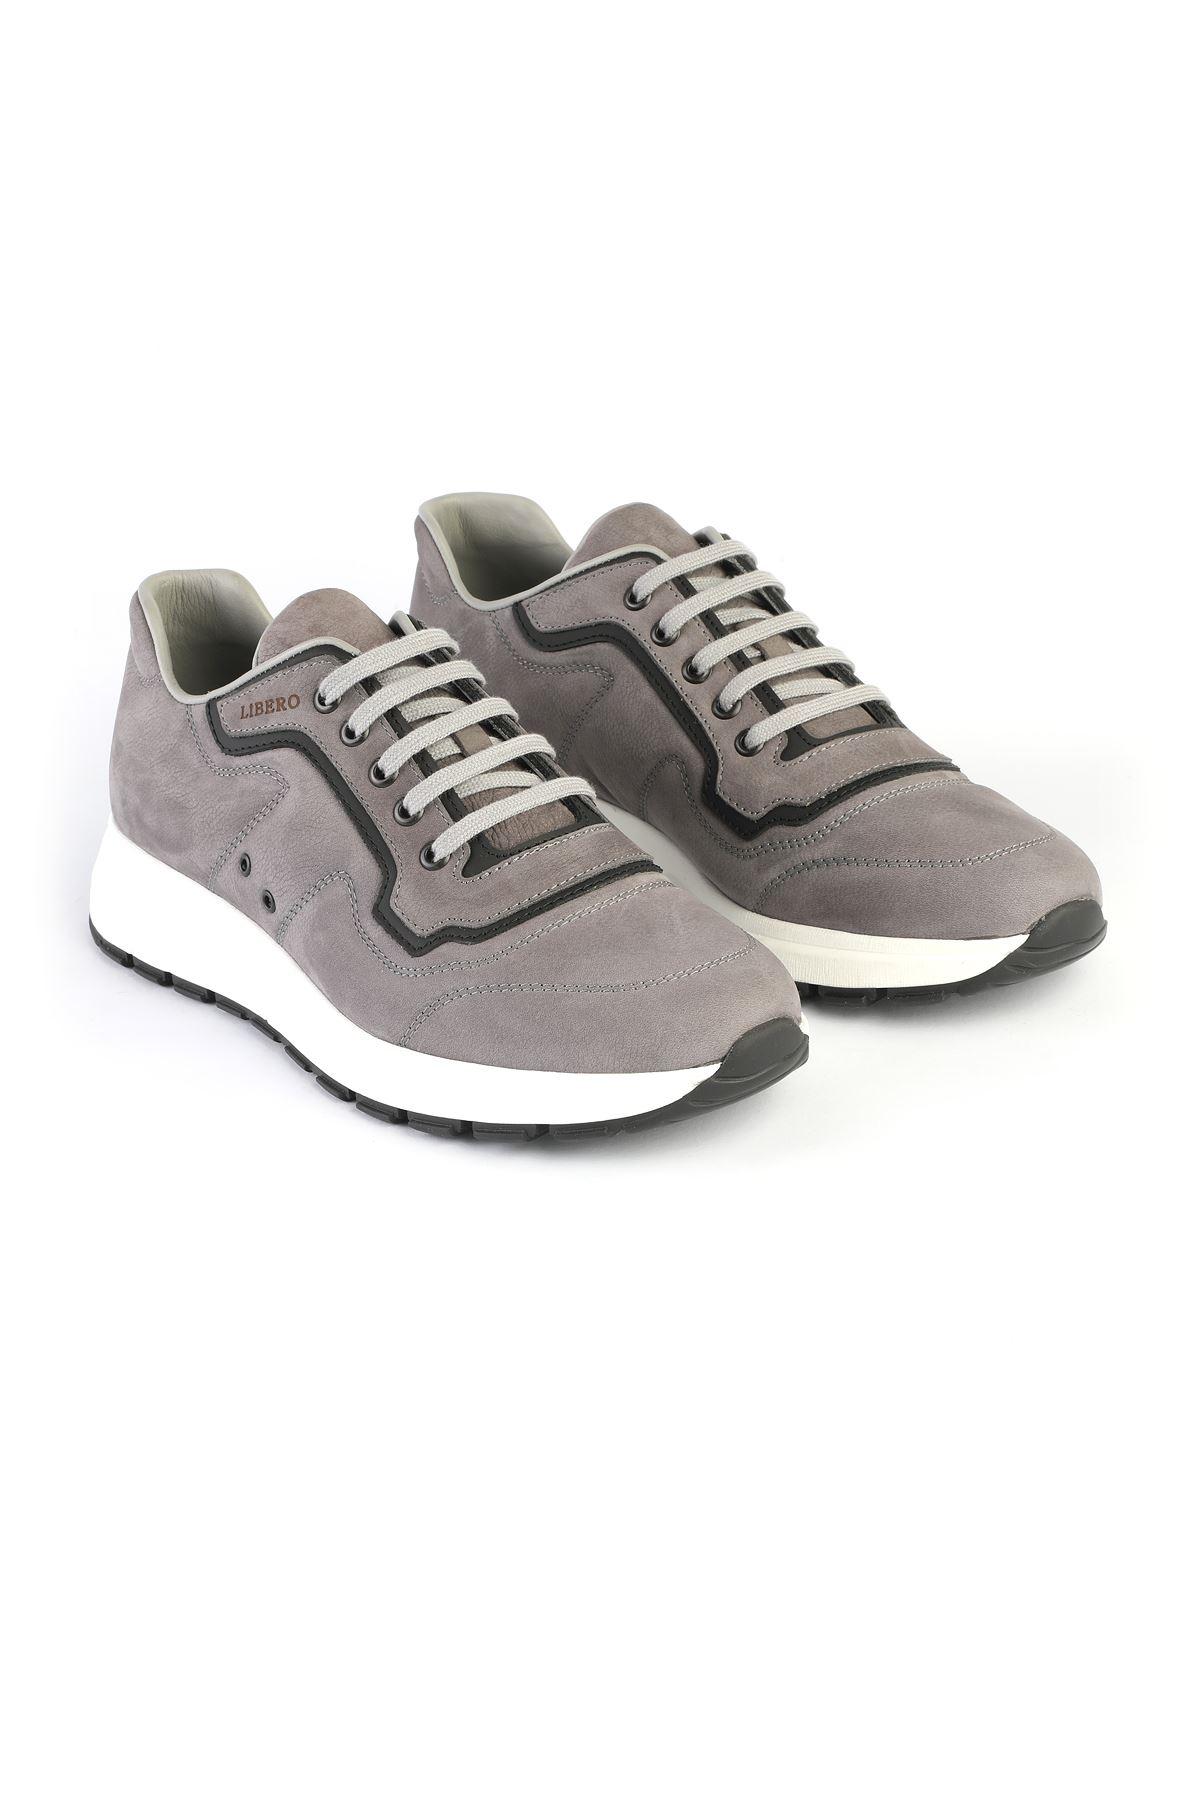 Libero 3149 Gray Sport Shoes